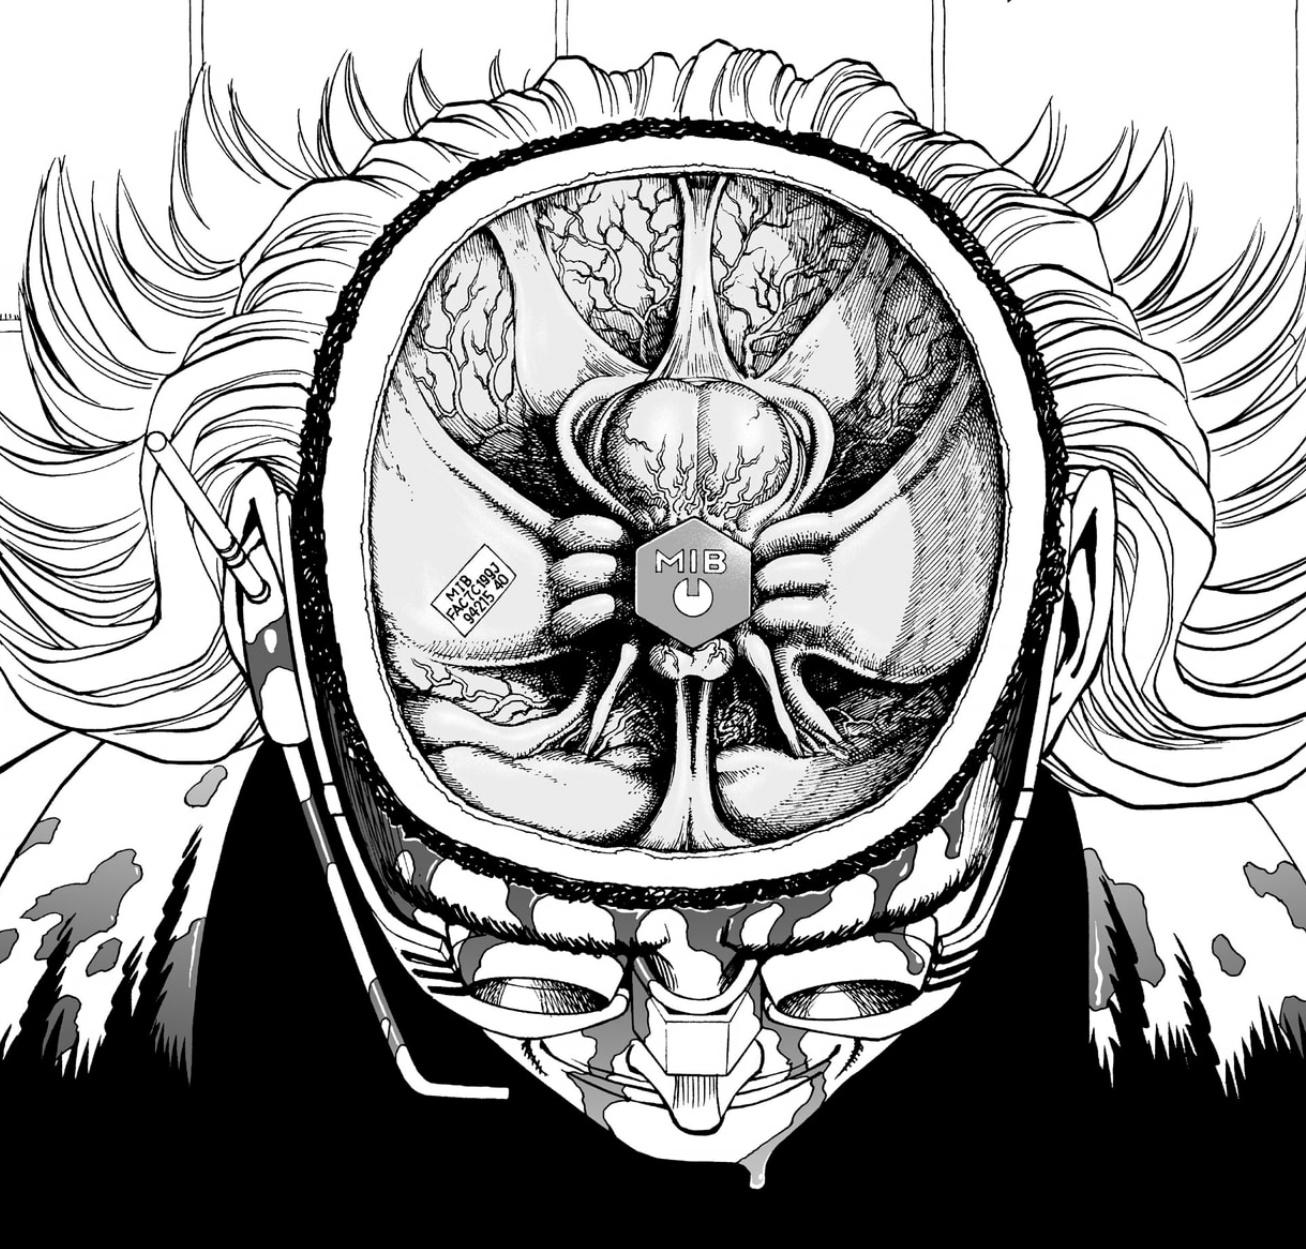 File:BAA09 16 brain bio-chip.jpg